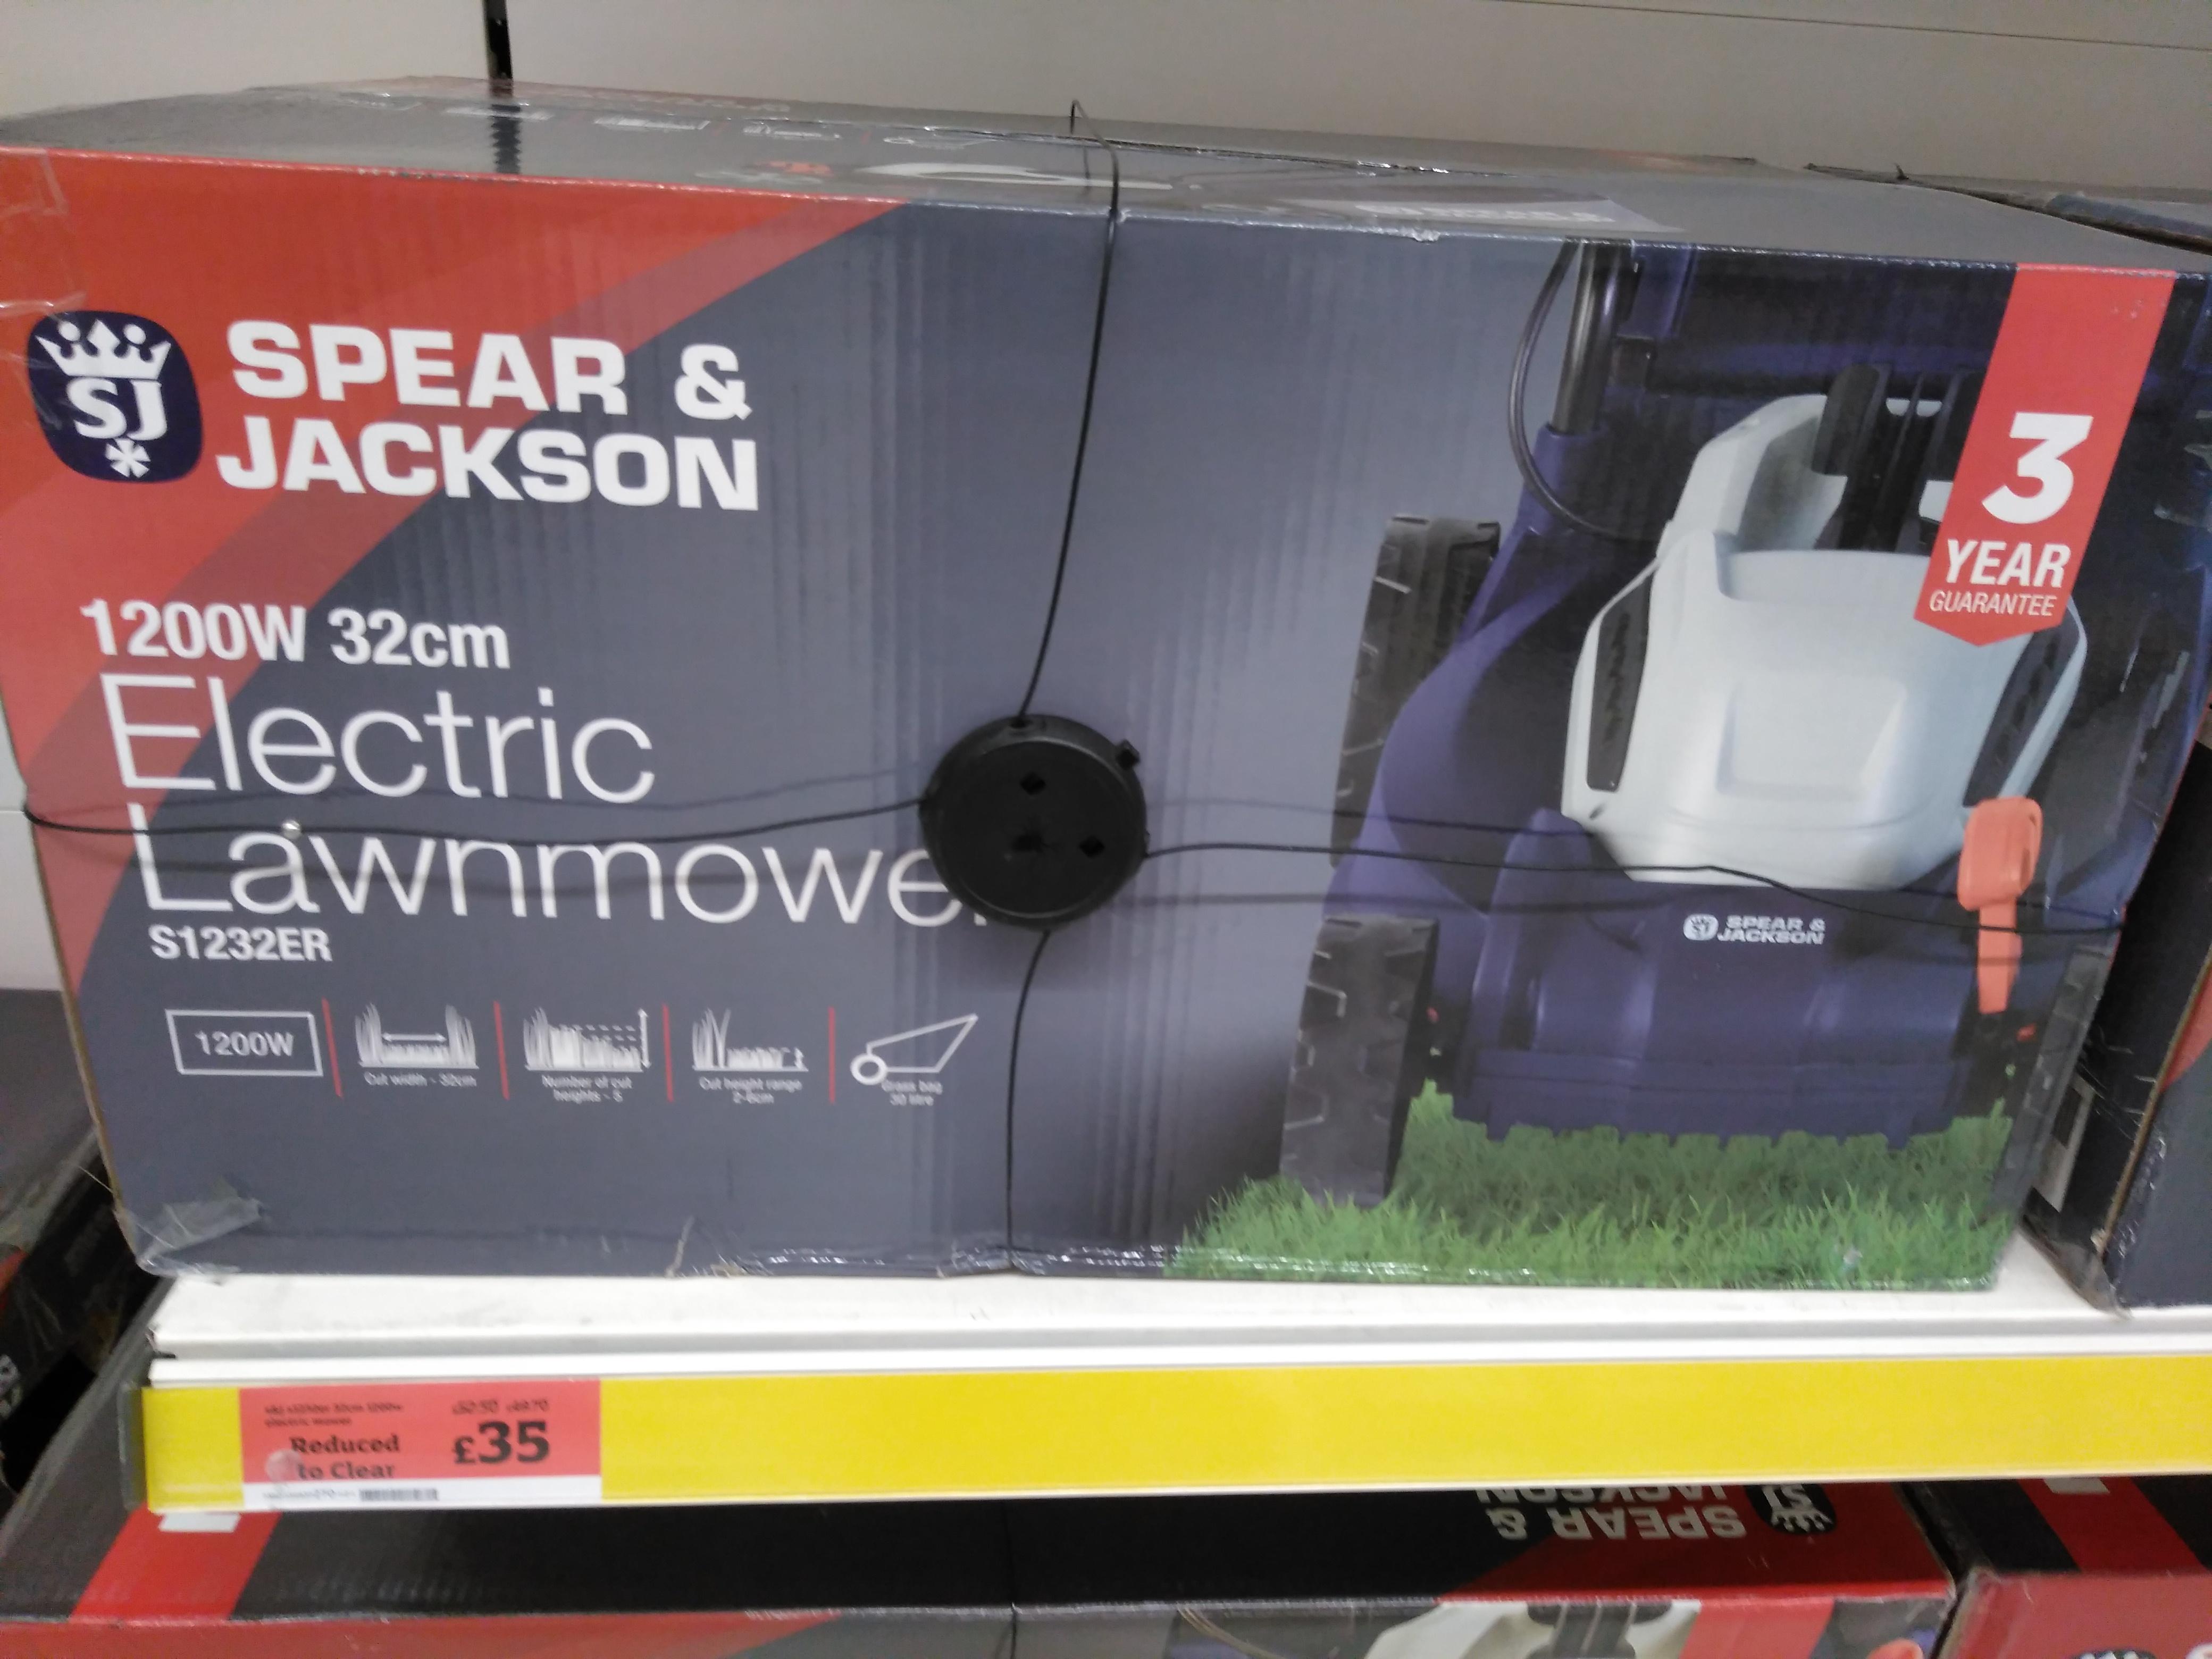 Sainsbury's-Spear&Jackson Electric Lawnmowe1600w £55.00 was £82.50